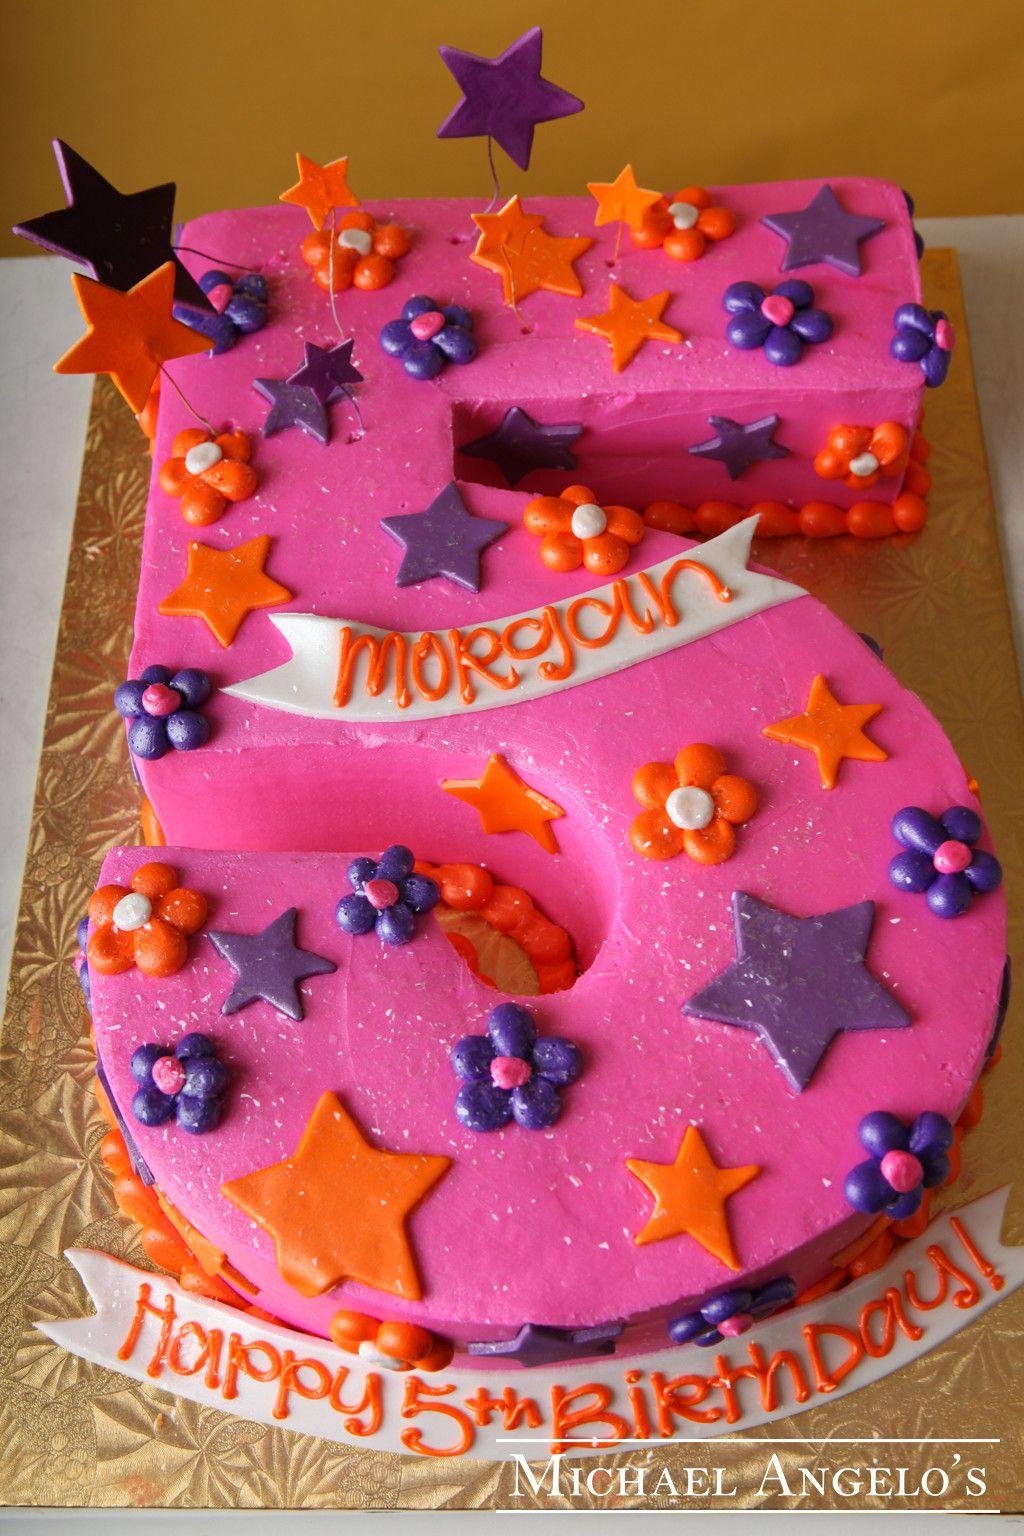 Block 5 41milestones cake flavors cake buttercream